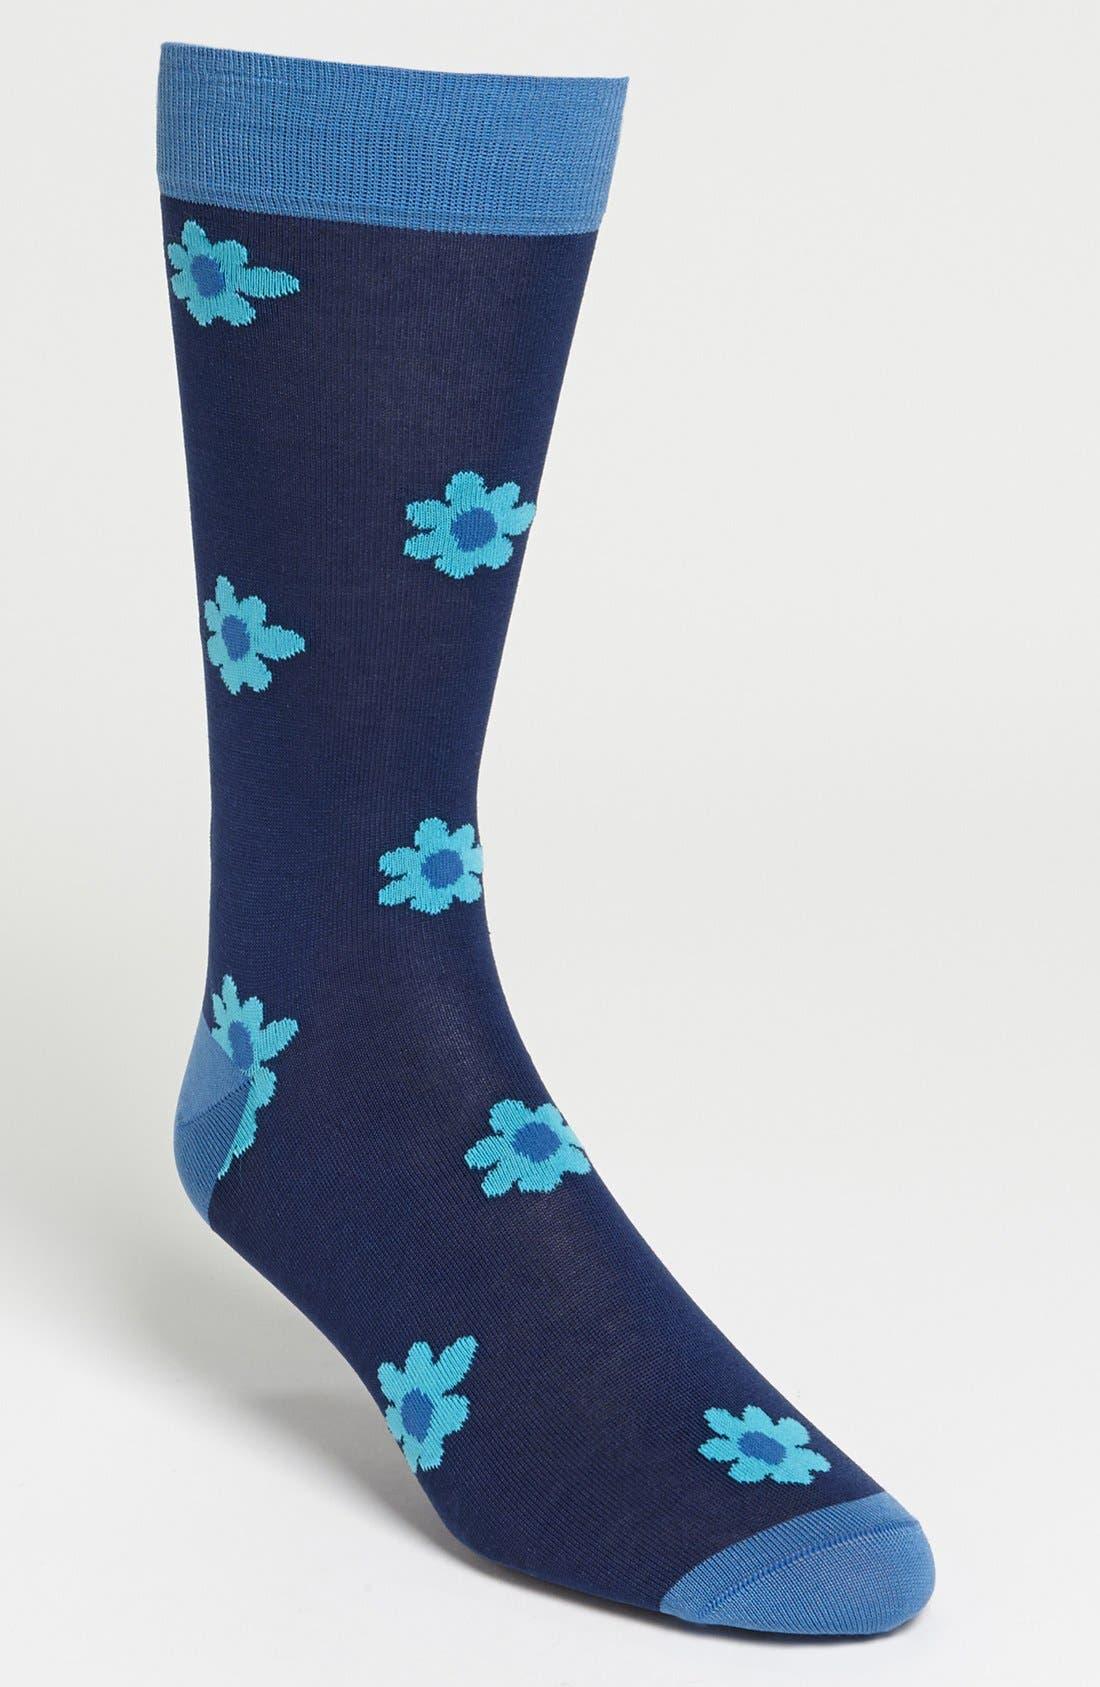 Main Image - Marcoliani 'Hibiscus' Socks